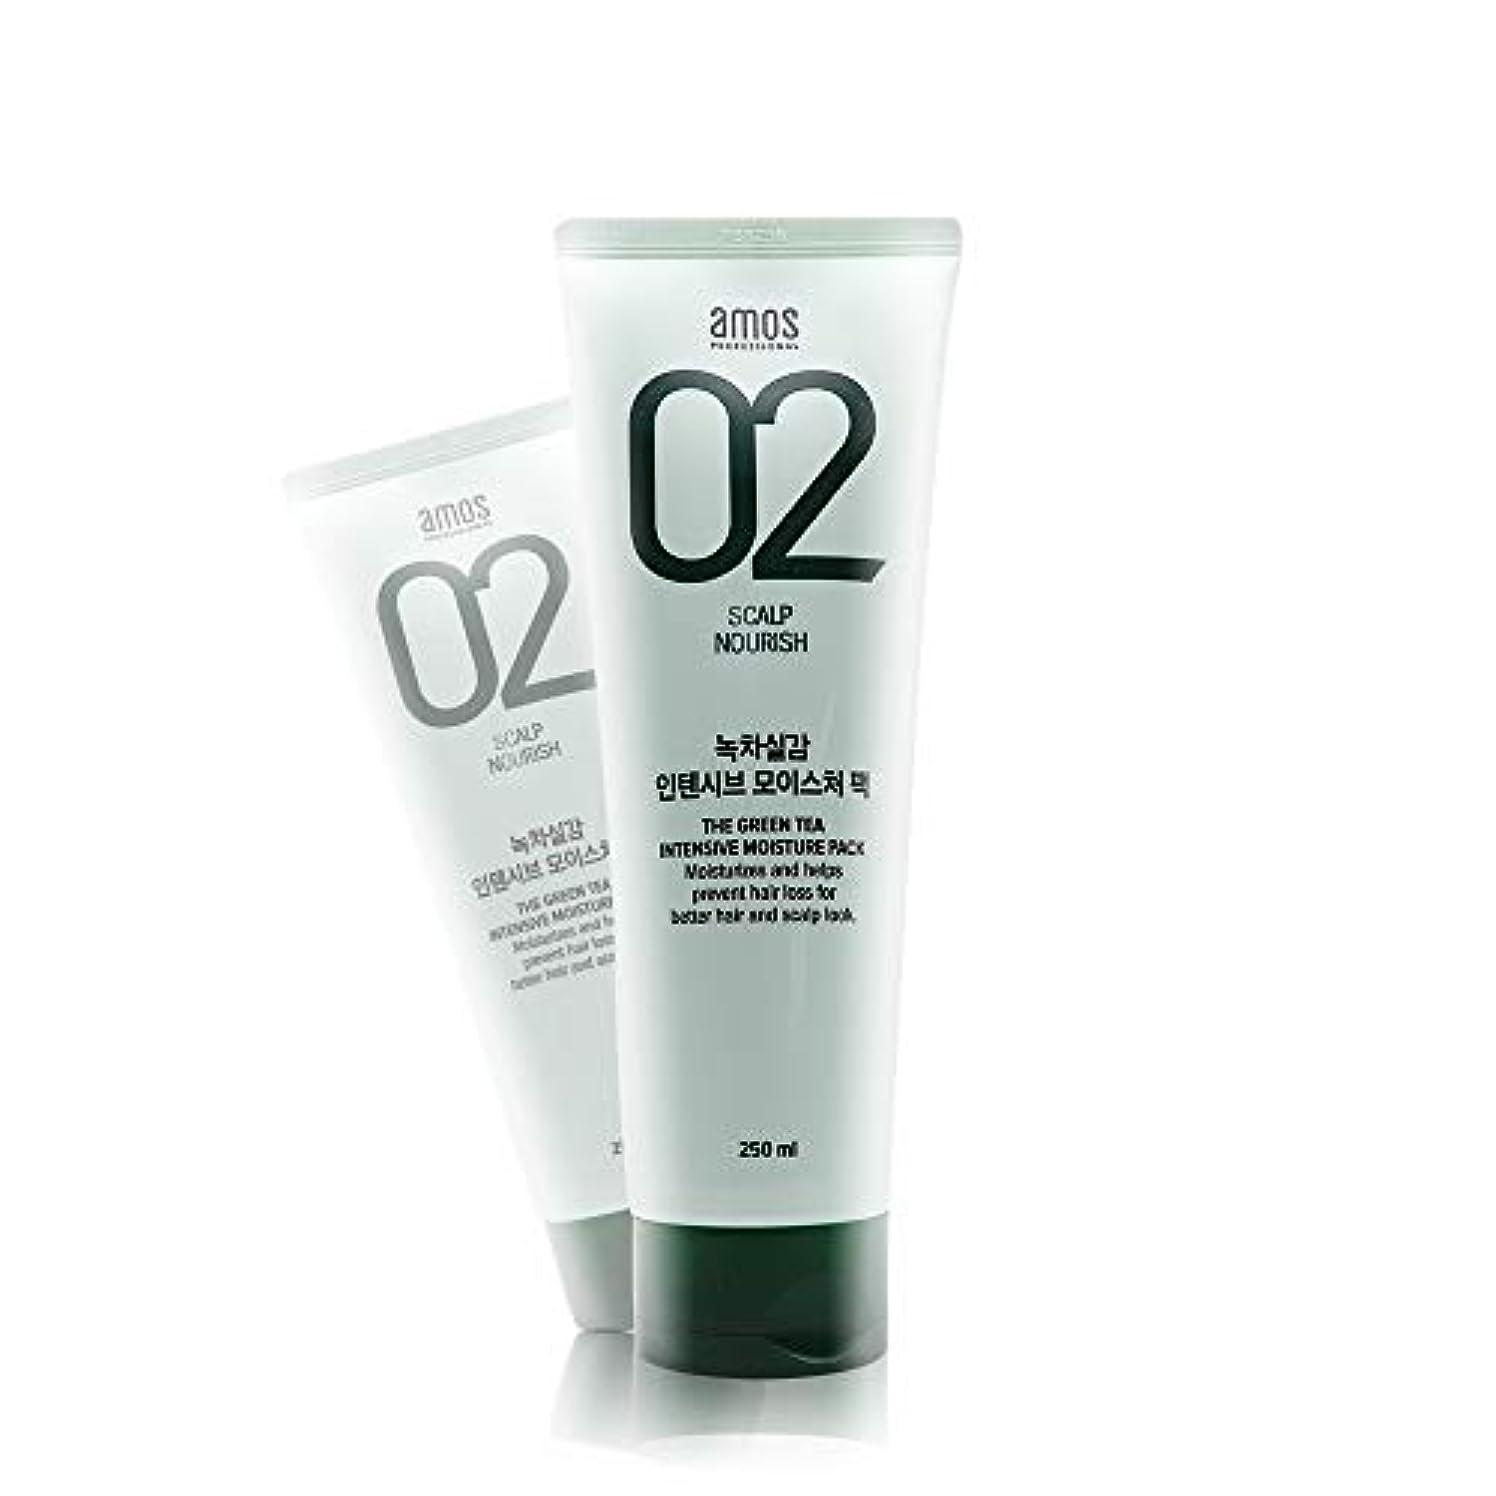 アモス AMOS 緑茶実感インテンシブモイスチャーパック 250g, Feel the Green Tea Intensive Moisture Hair Pack